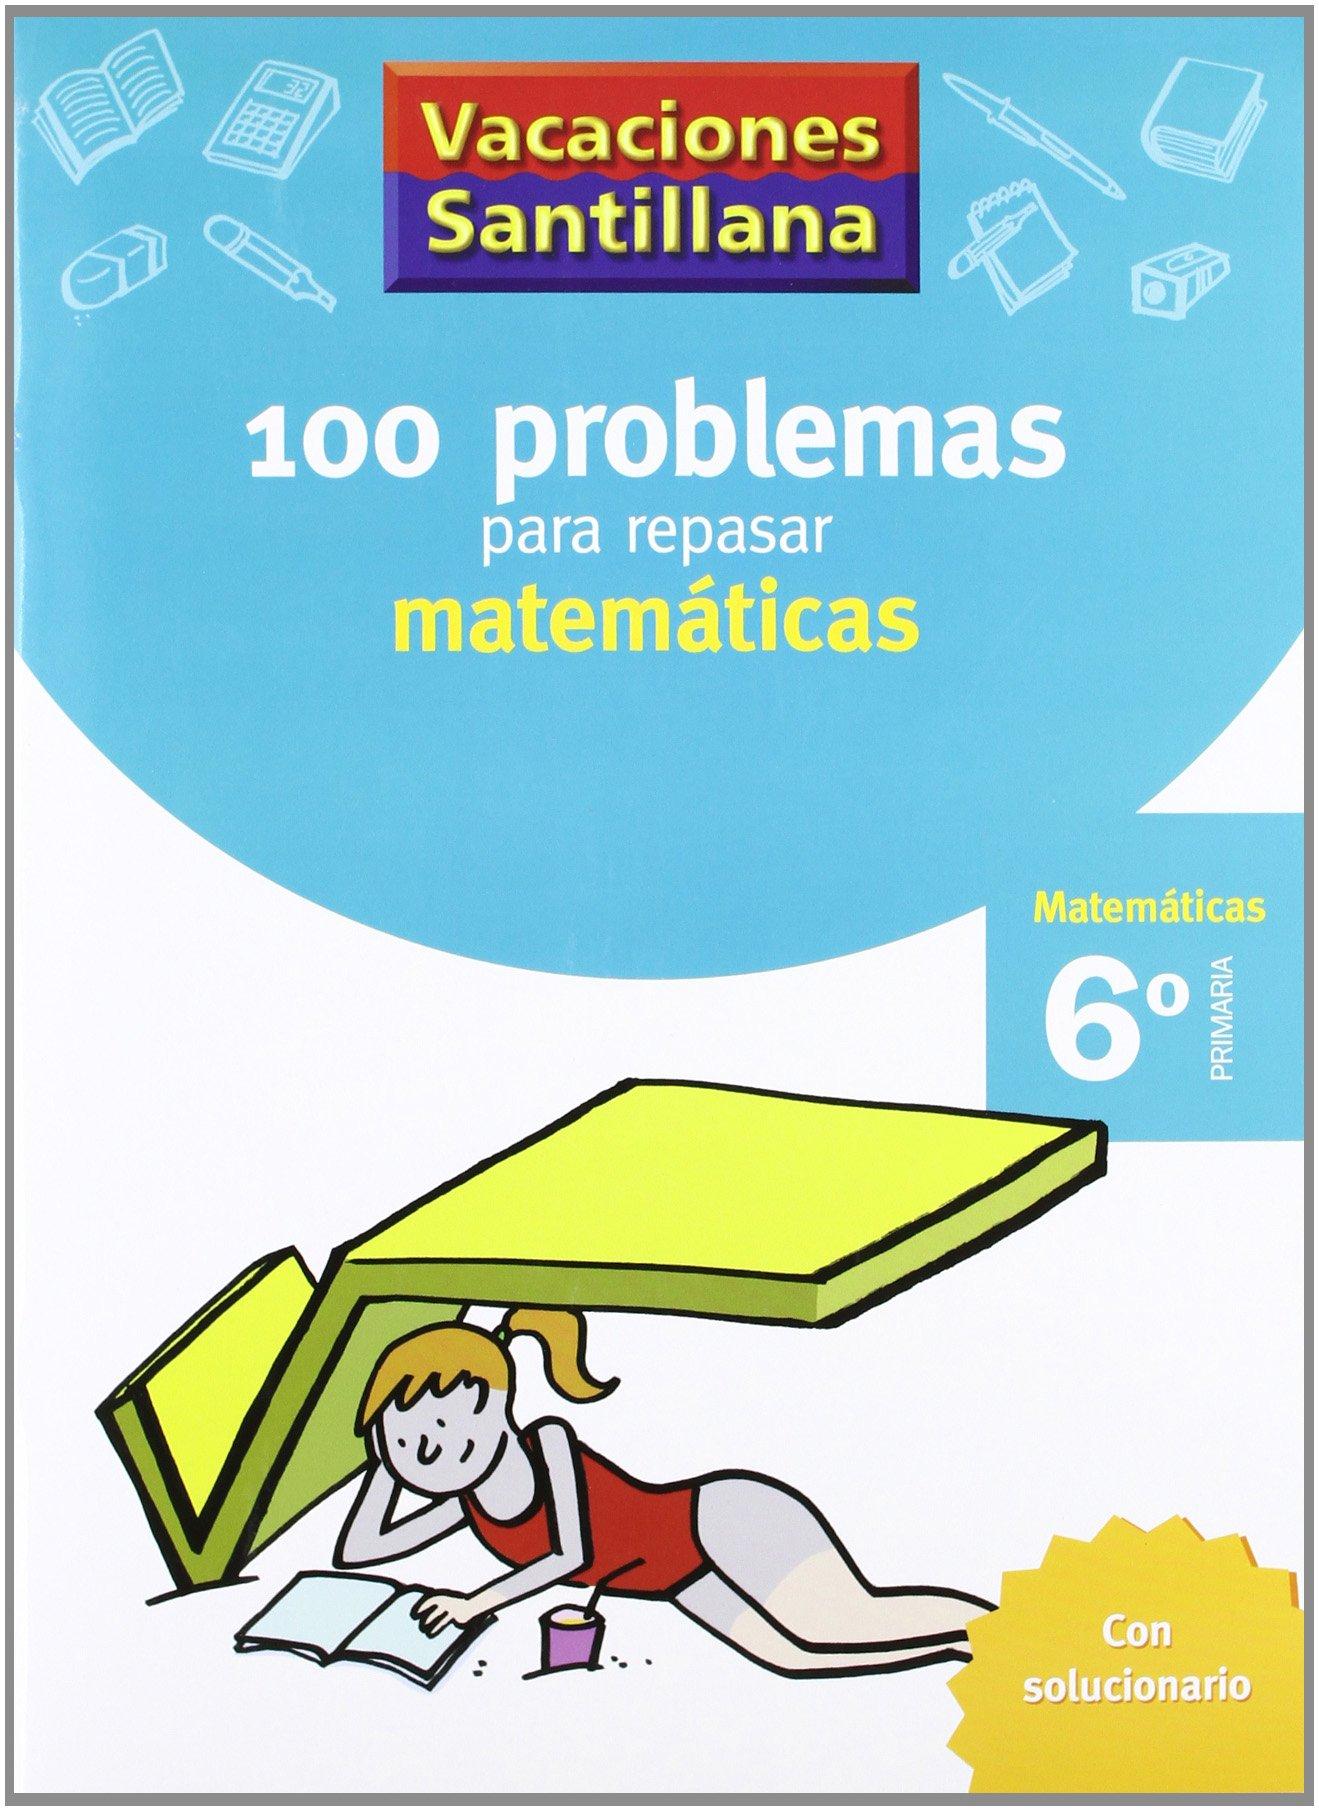 Vacaciones Santillana 100 problemas para repasar matemáticas 6º primaria -  9788429408423: Amazon.es: Varios autores: Libros